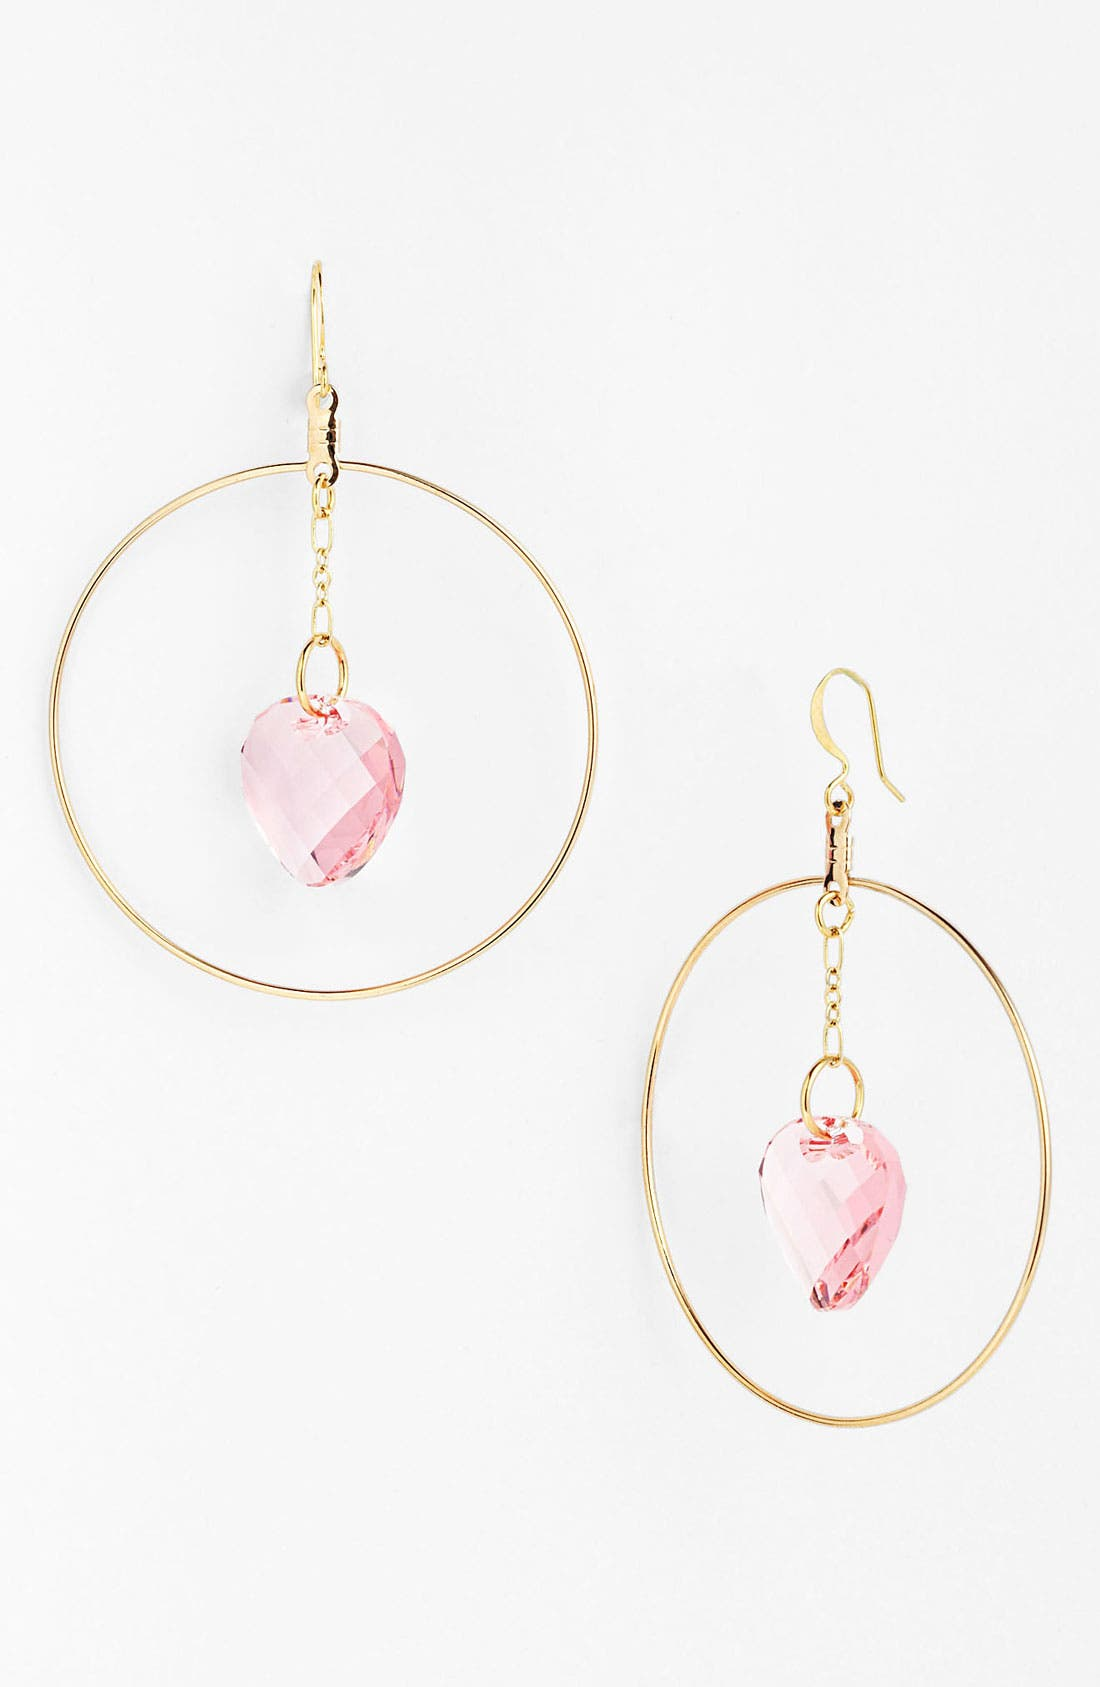 Main Image - Verdier Jewelry 'Pink Crystal' Hoop Earrings